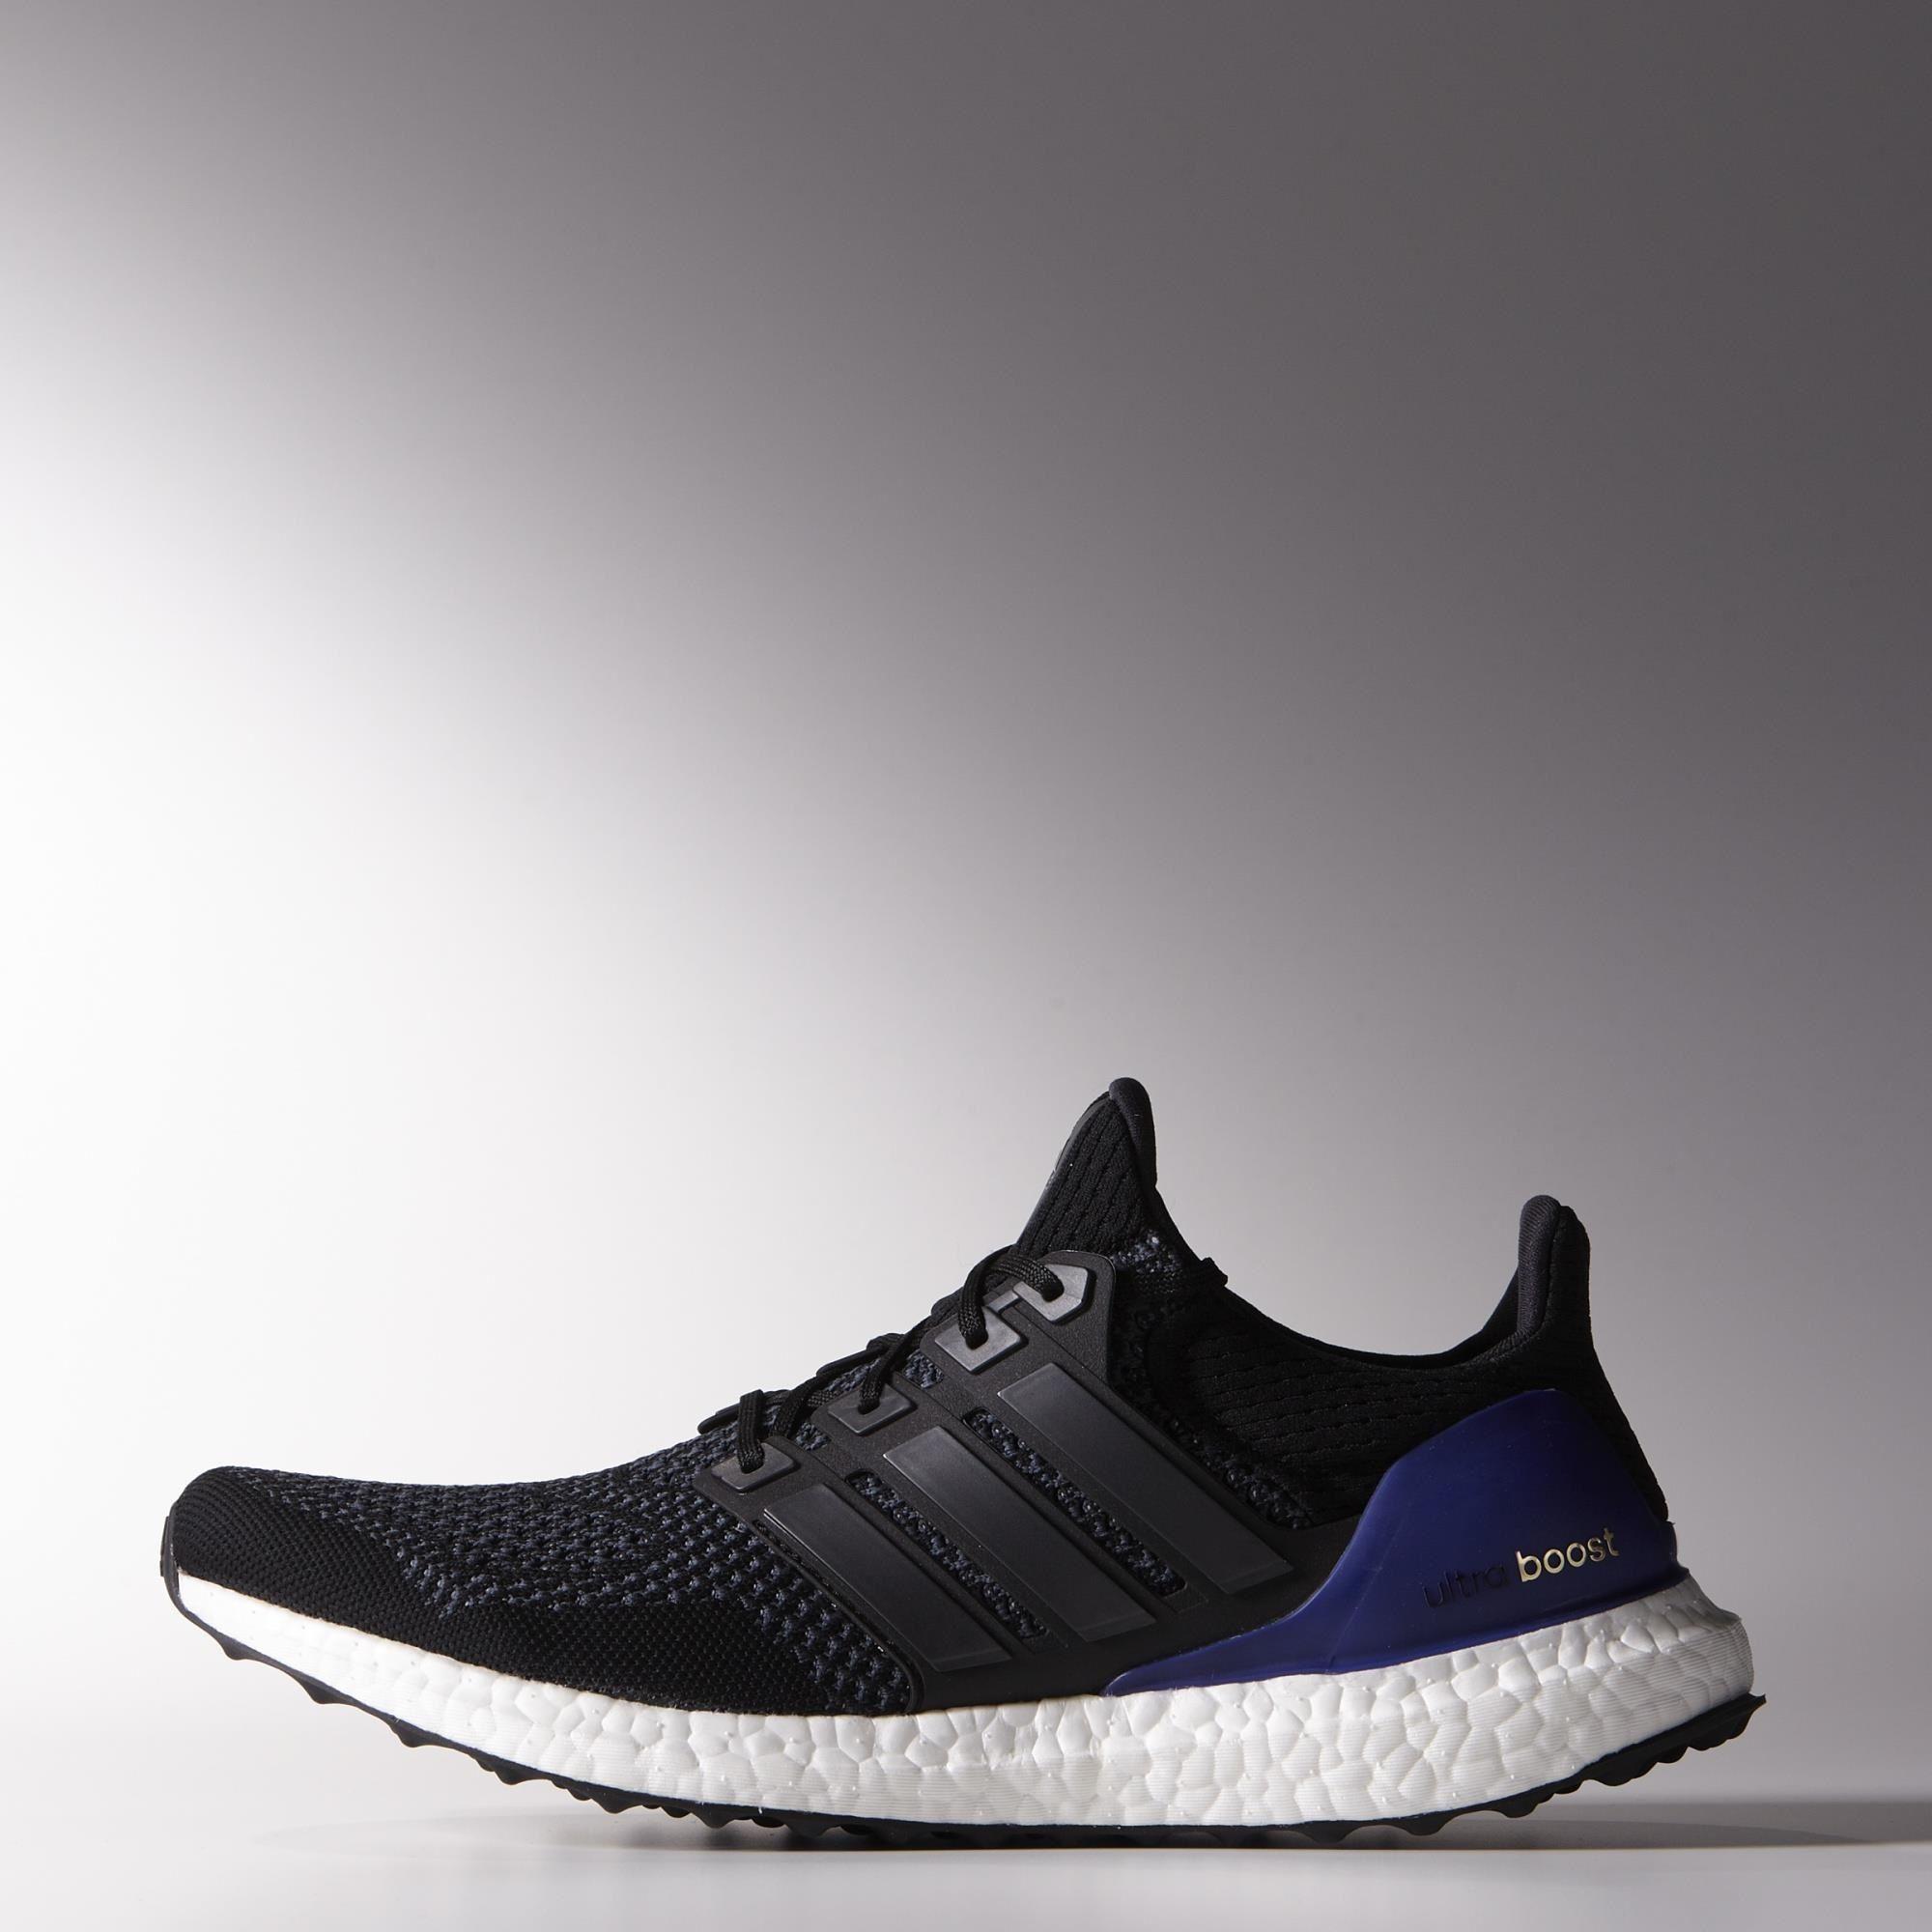 new products eb0a3 946be adidas Ultra Boost Schuh - schwarz  adidas Austria